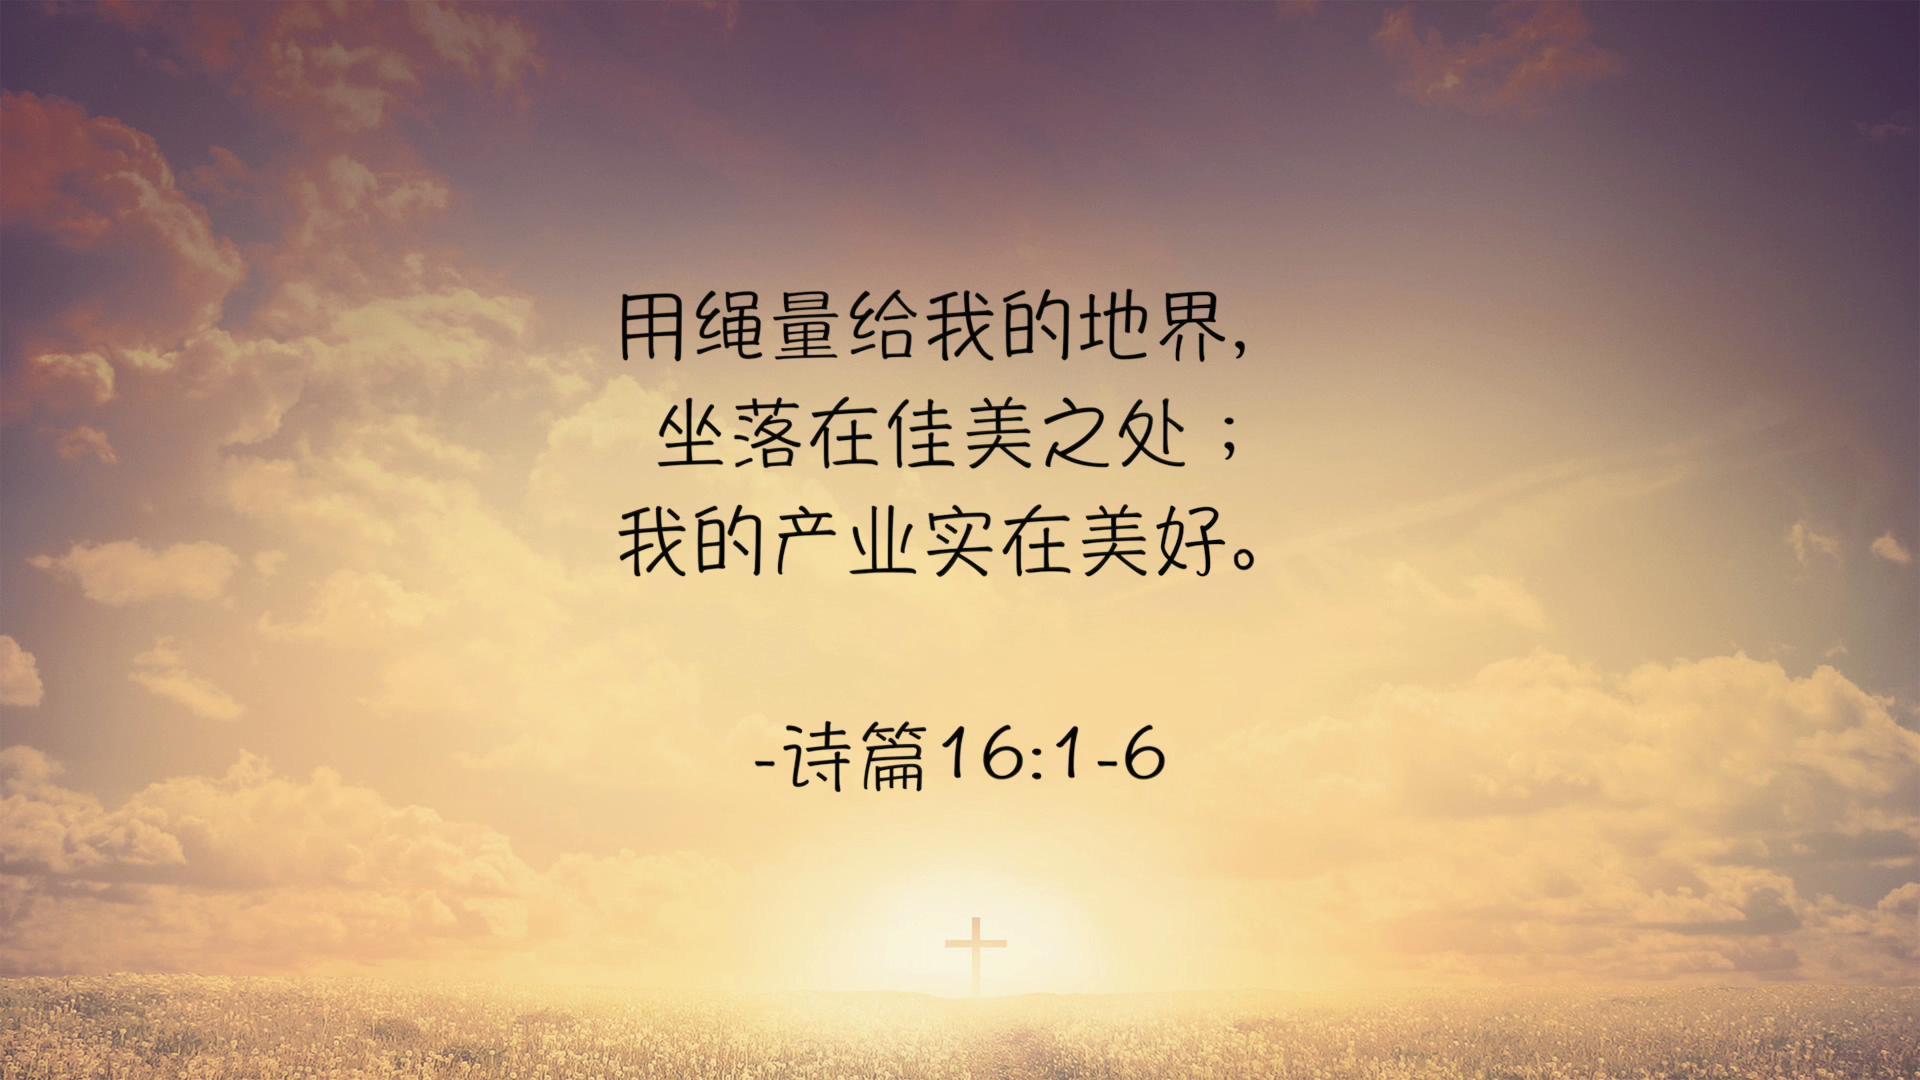 圣经三分钟 诗篇16_20181208214636.JPG